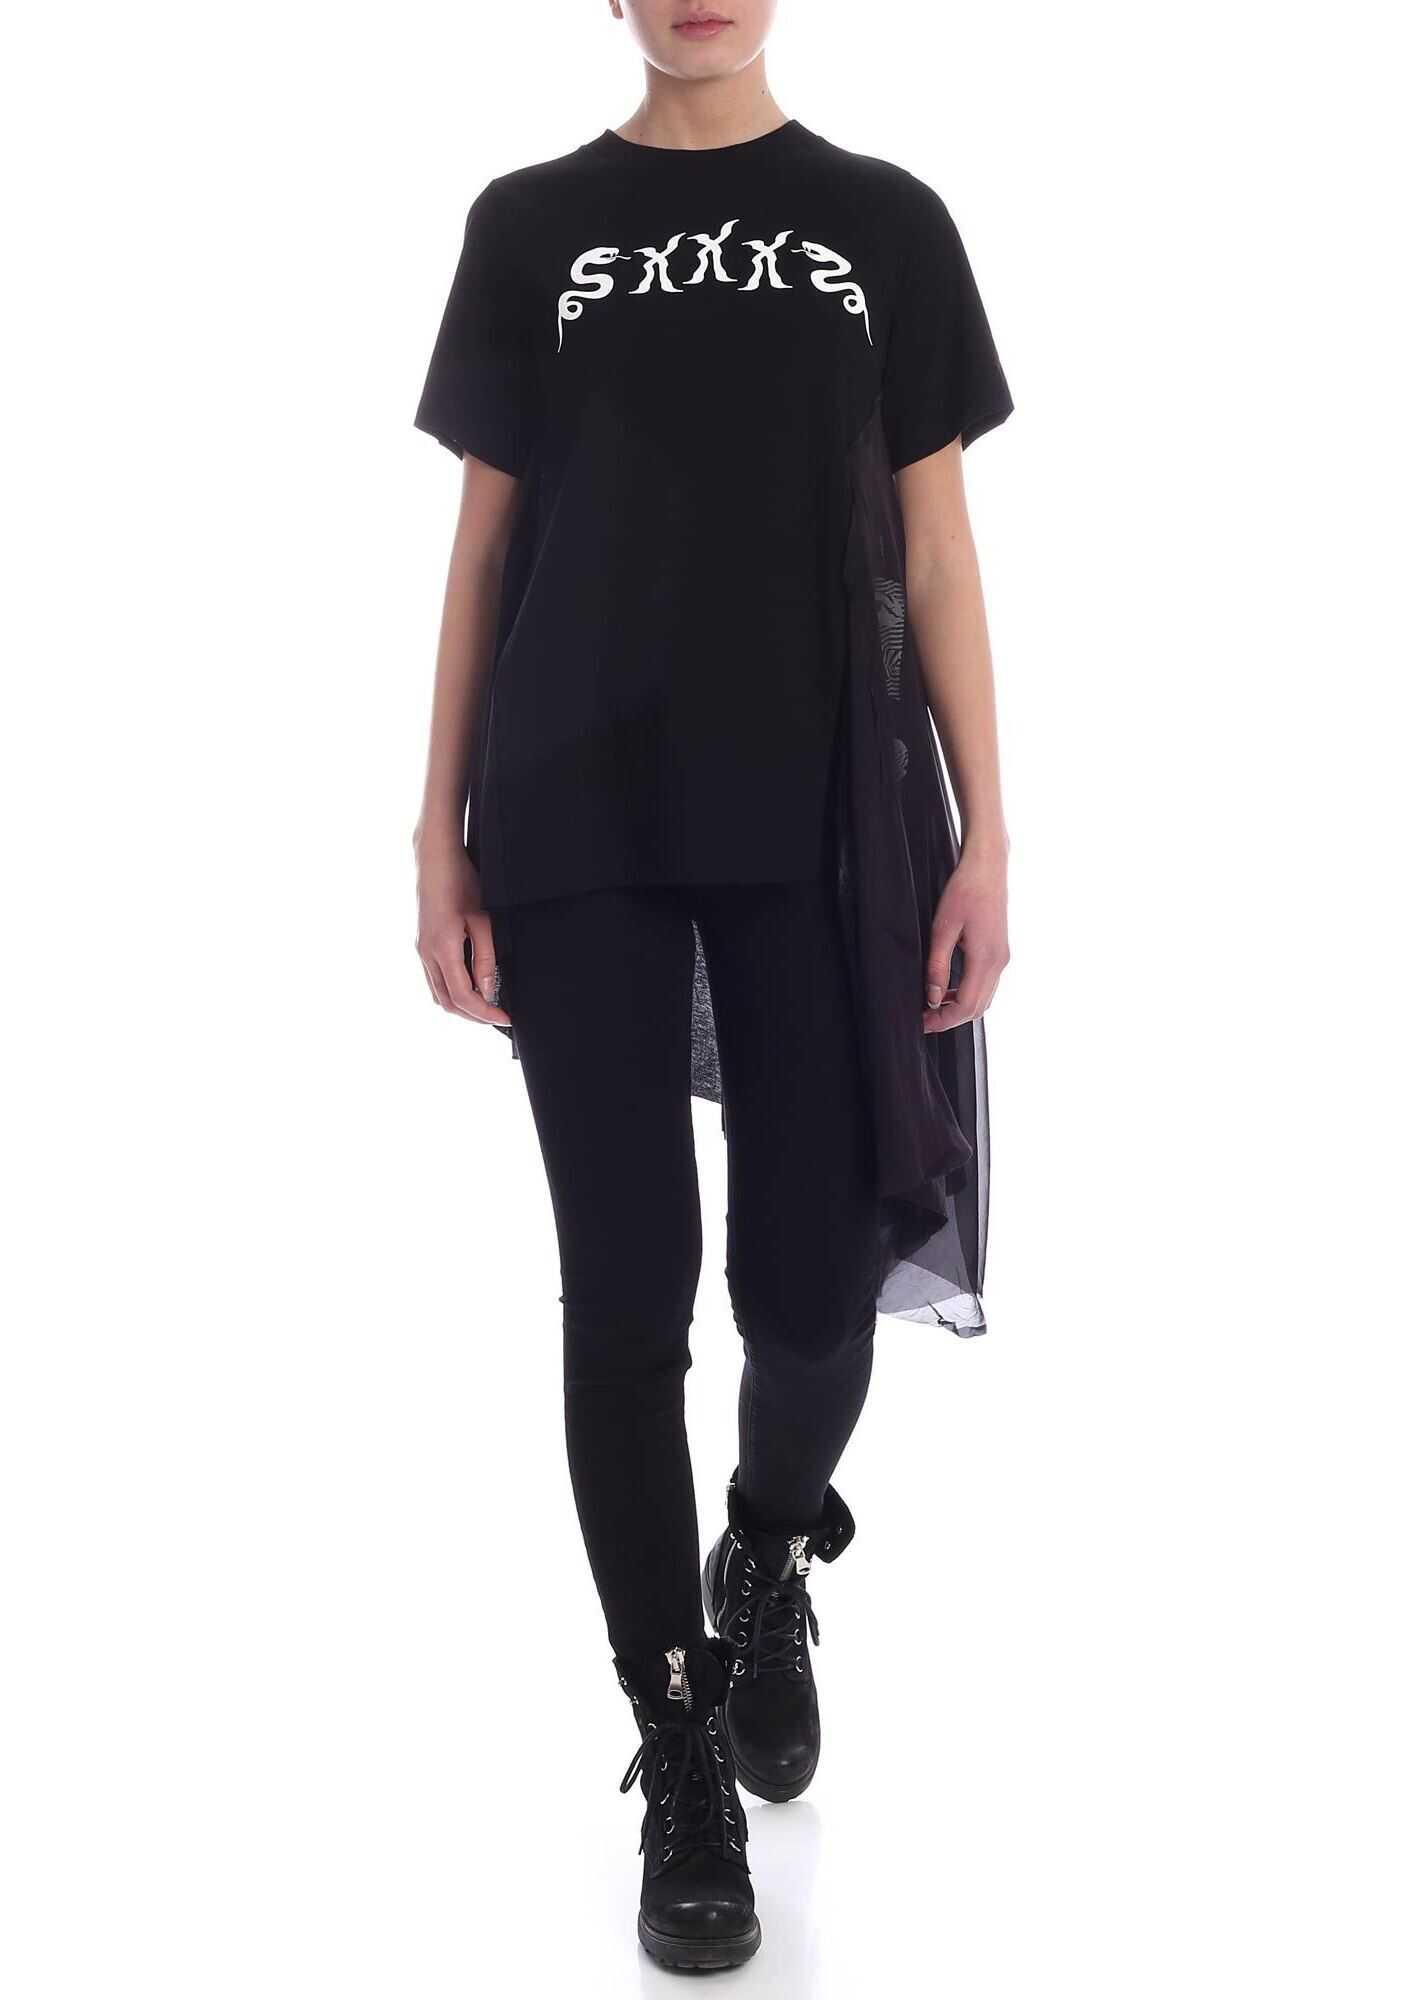 Diesel Seth T-Shirt In Black Black